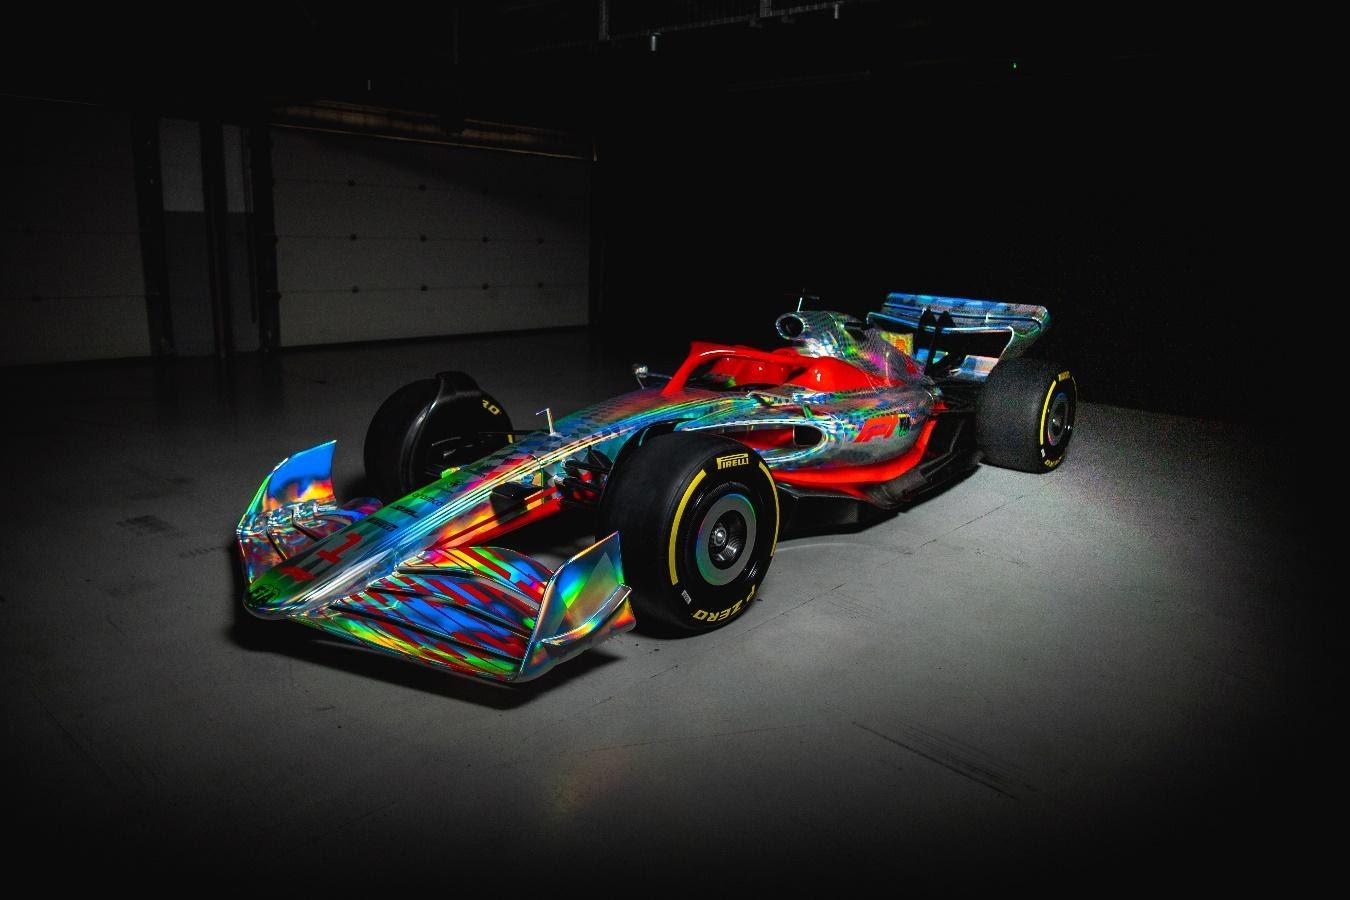 Fórmula 1 usa AWS para desarrollar la próxima generación de sus automóviles de carrera